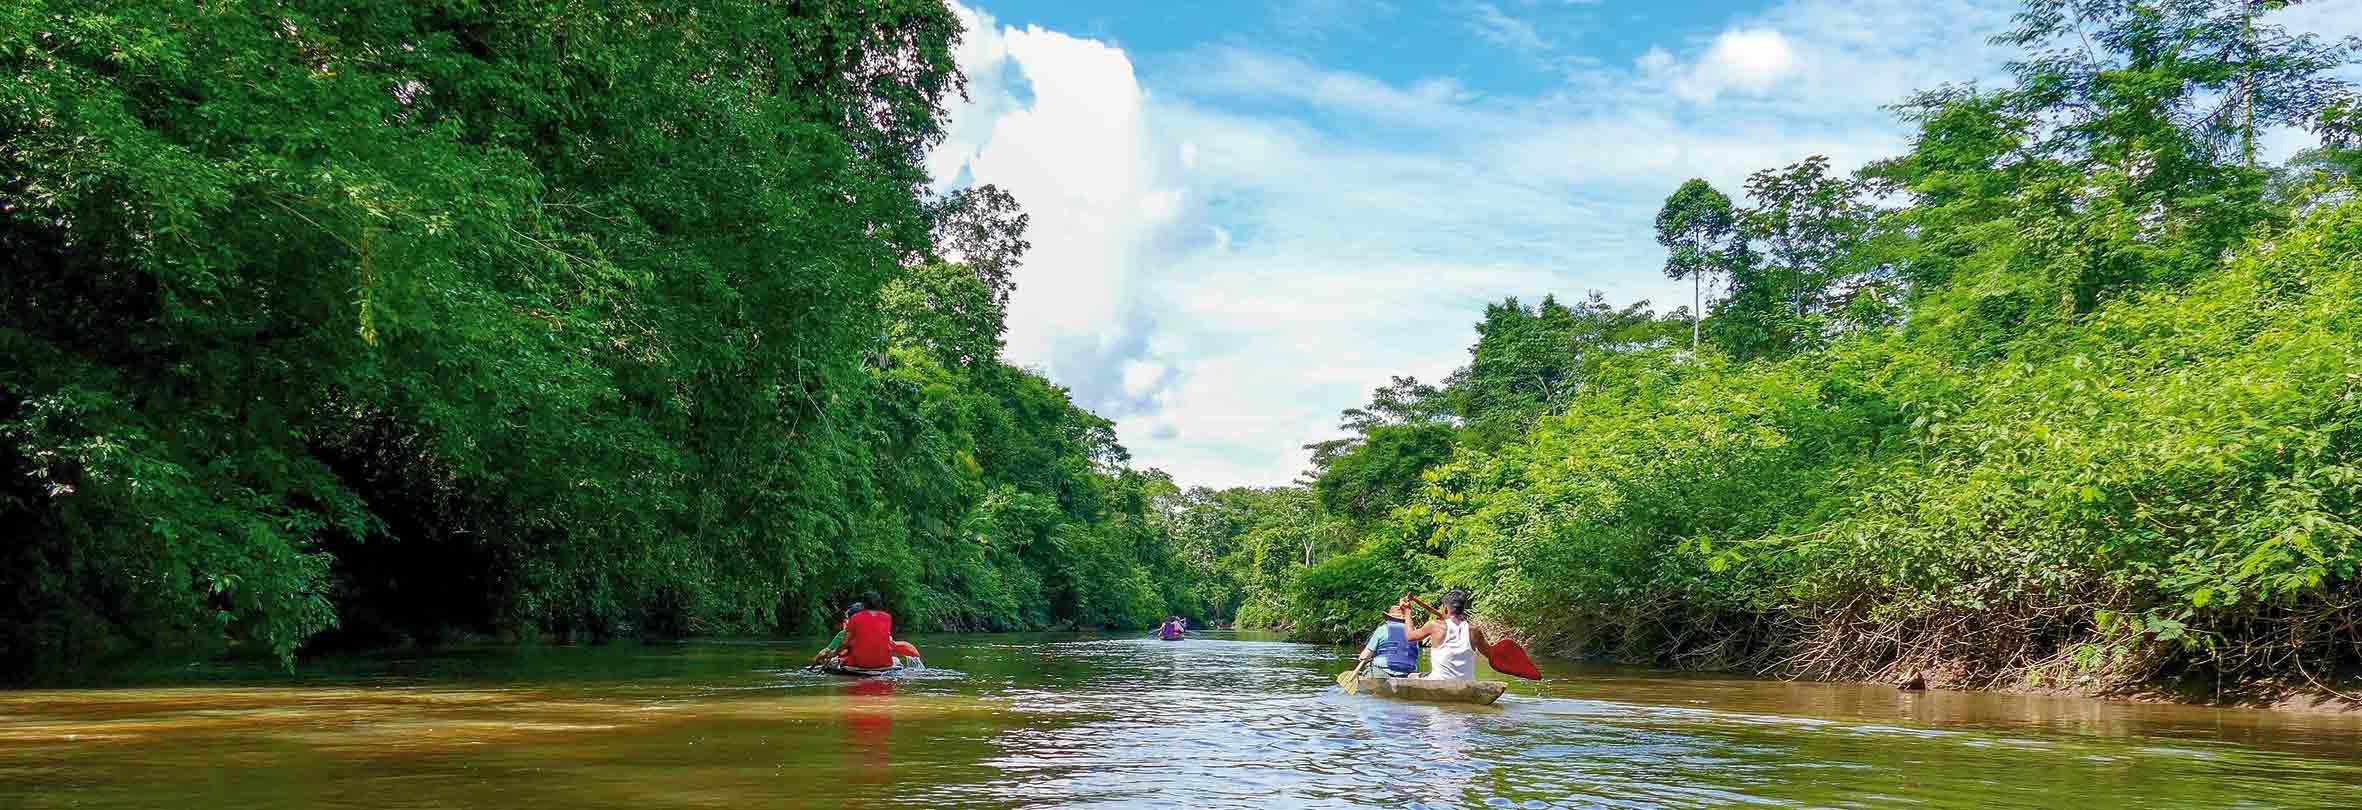 Urwald-Exkursion mit dem Kanu, Ecuador